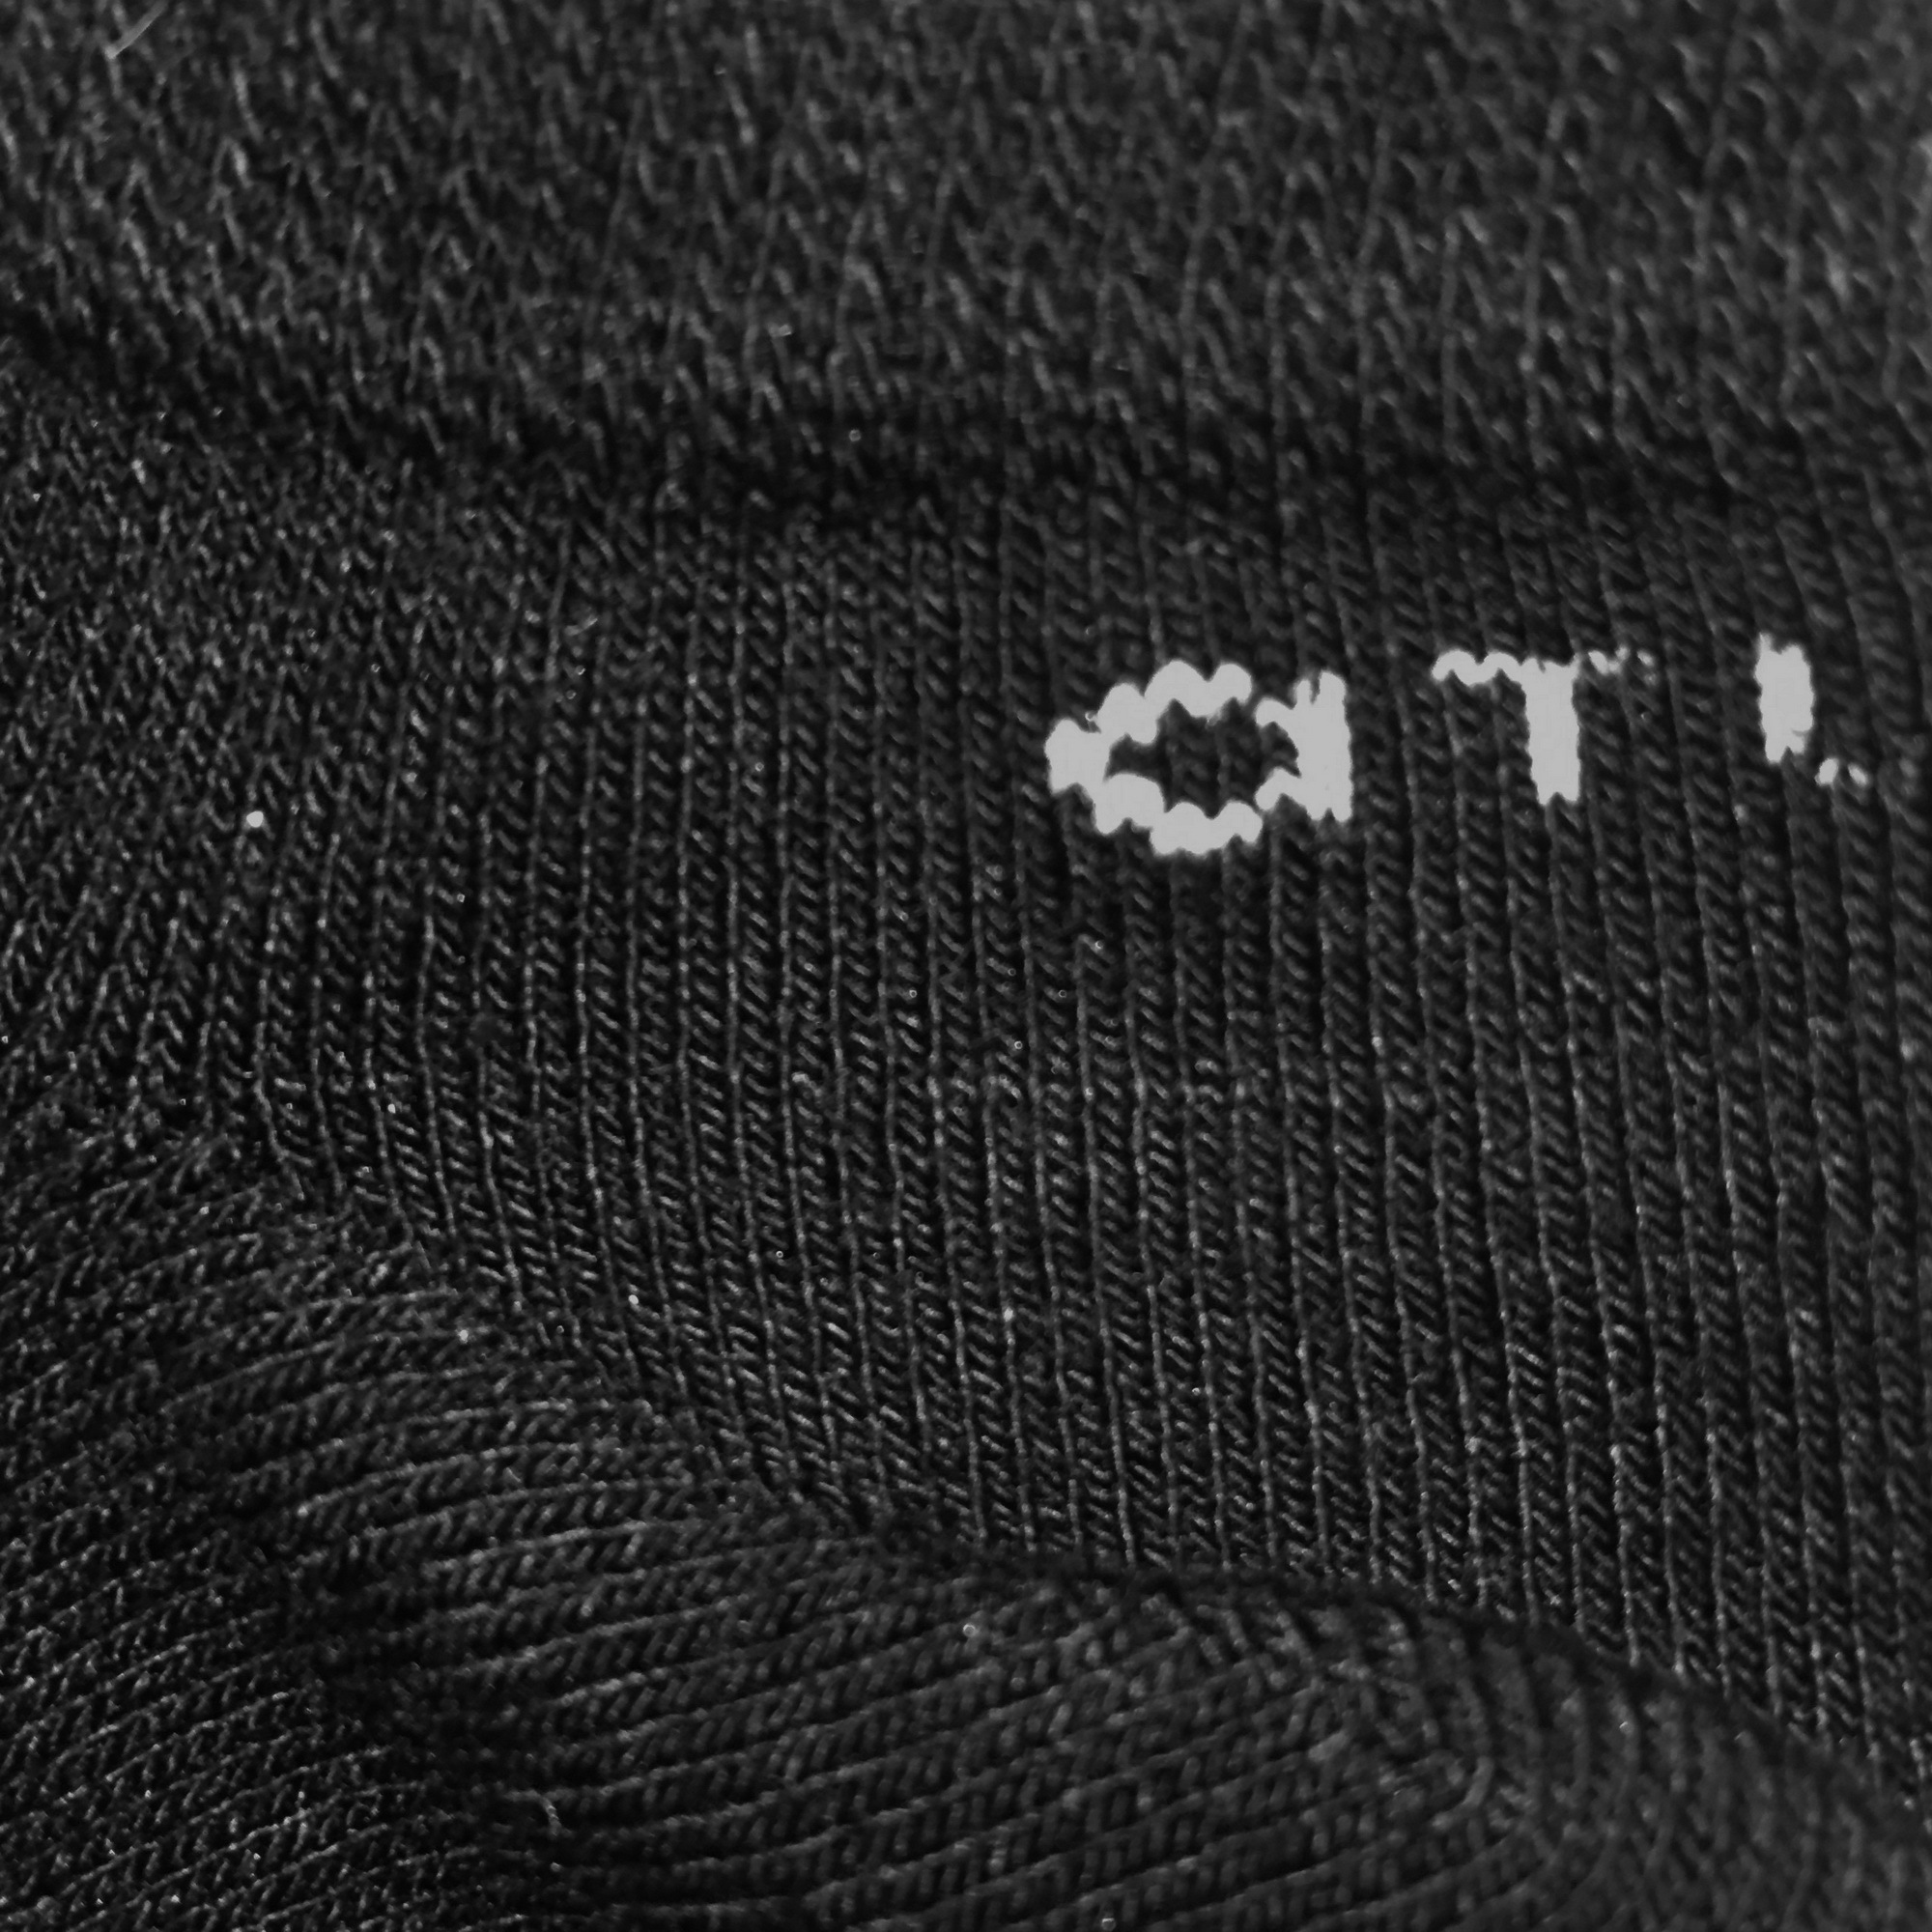 Укороченные носки мужские Atlantic, 3 пары в уп., бамбук, черные, MSB-002